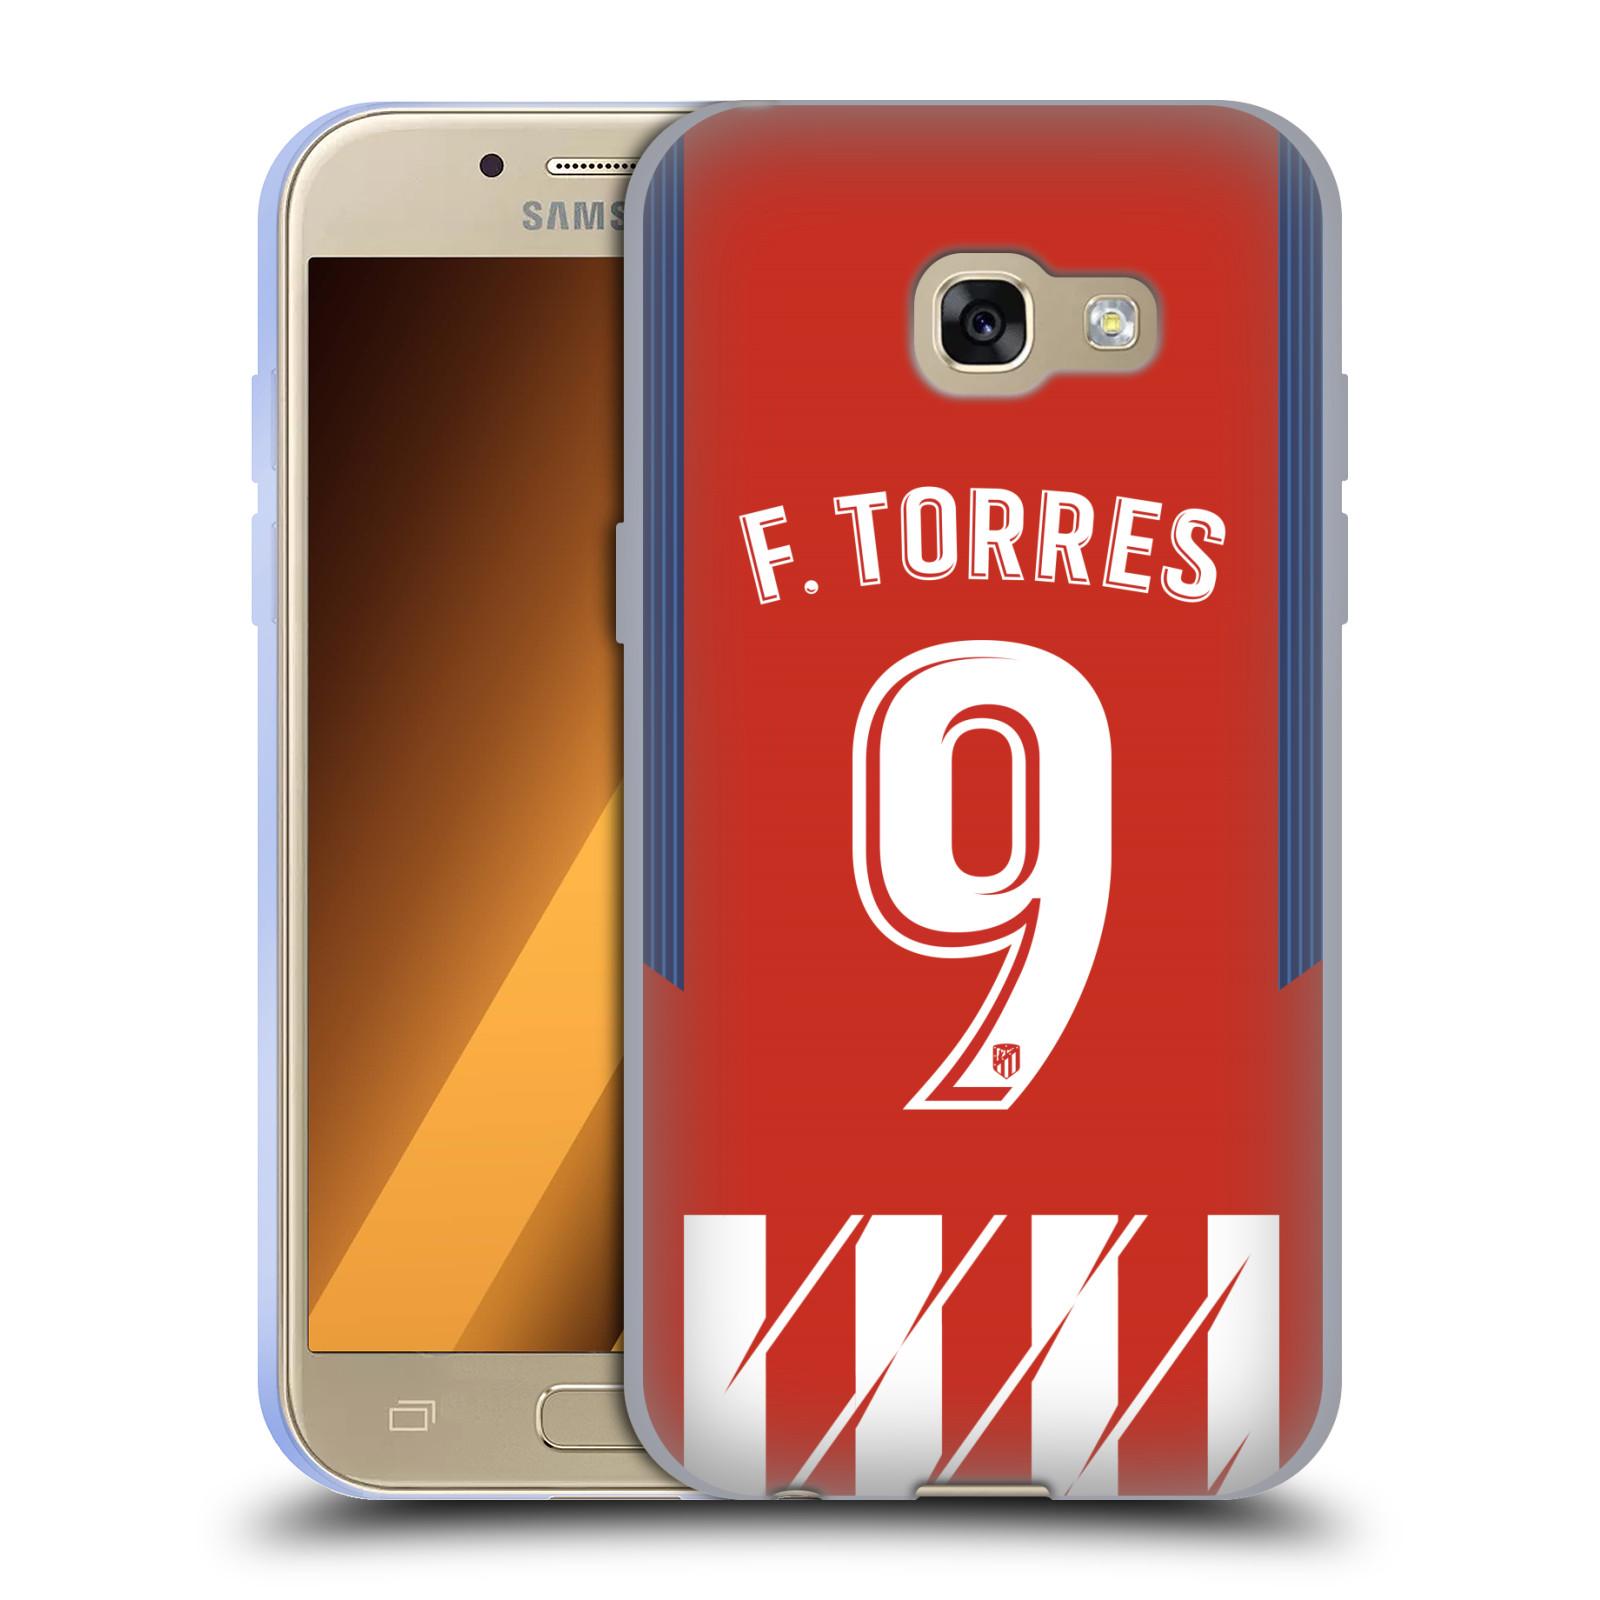 HEAD CASE silikonový obal na mobil Samsung Galaxy A3 2017 (A320) Fotbalový klub Atlético Madrid dres Fernando Torres